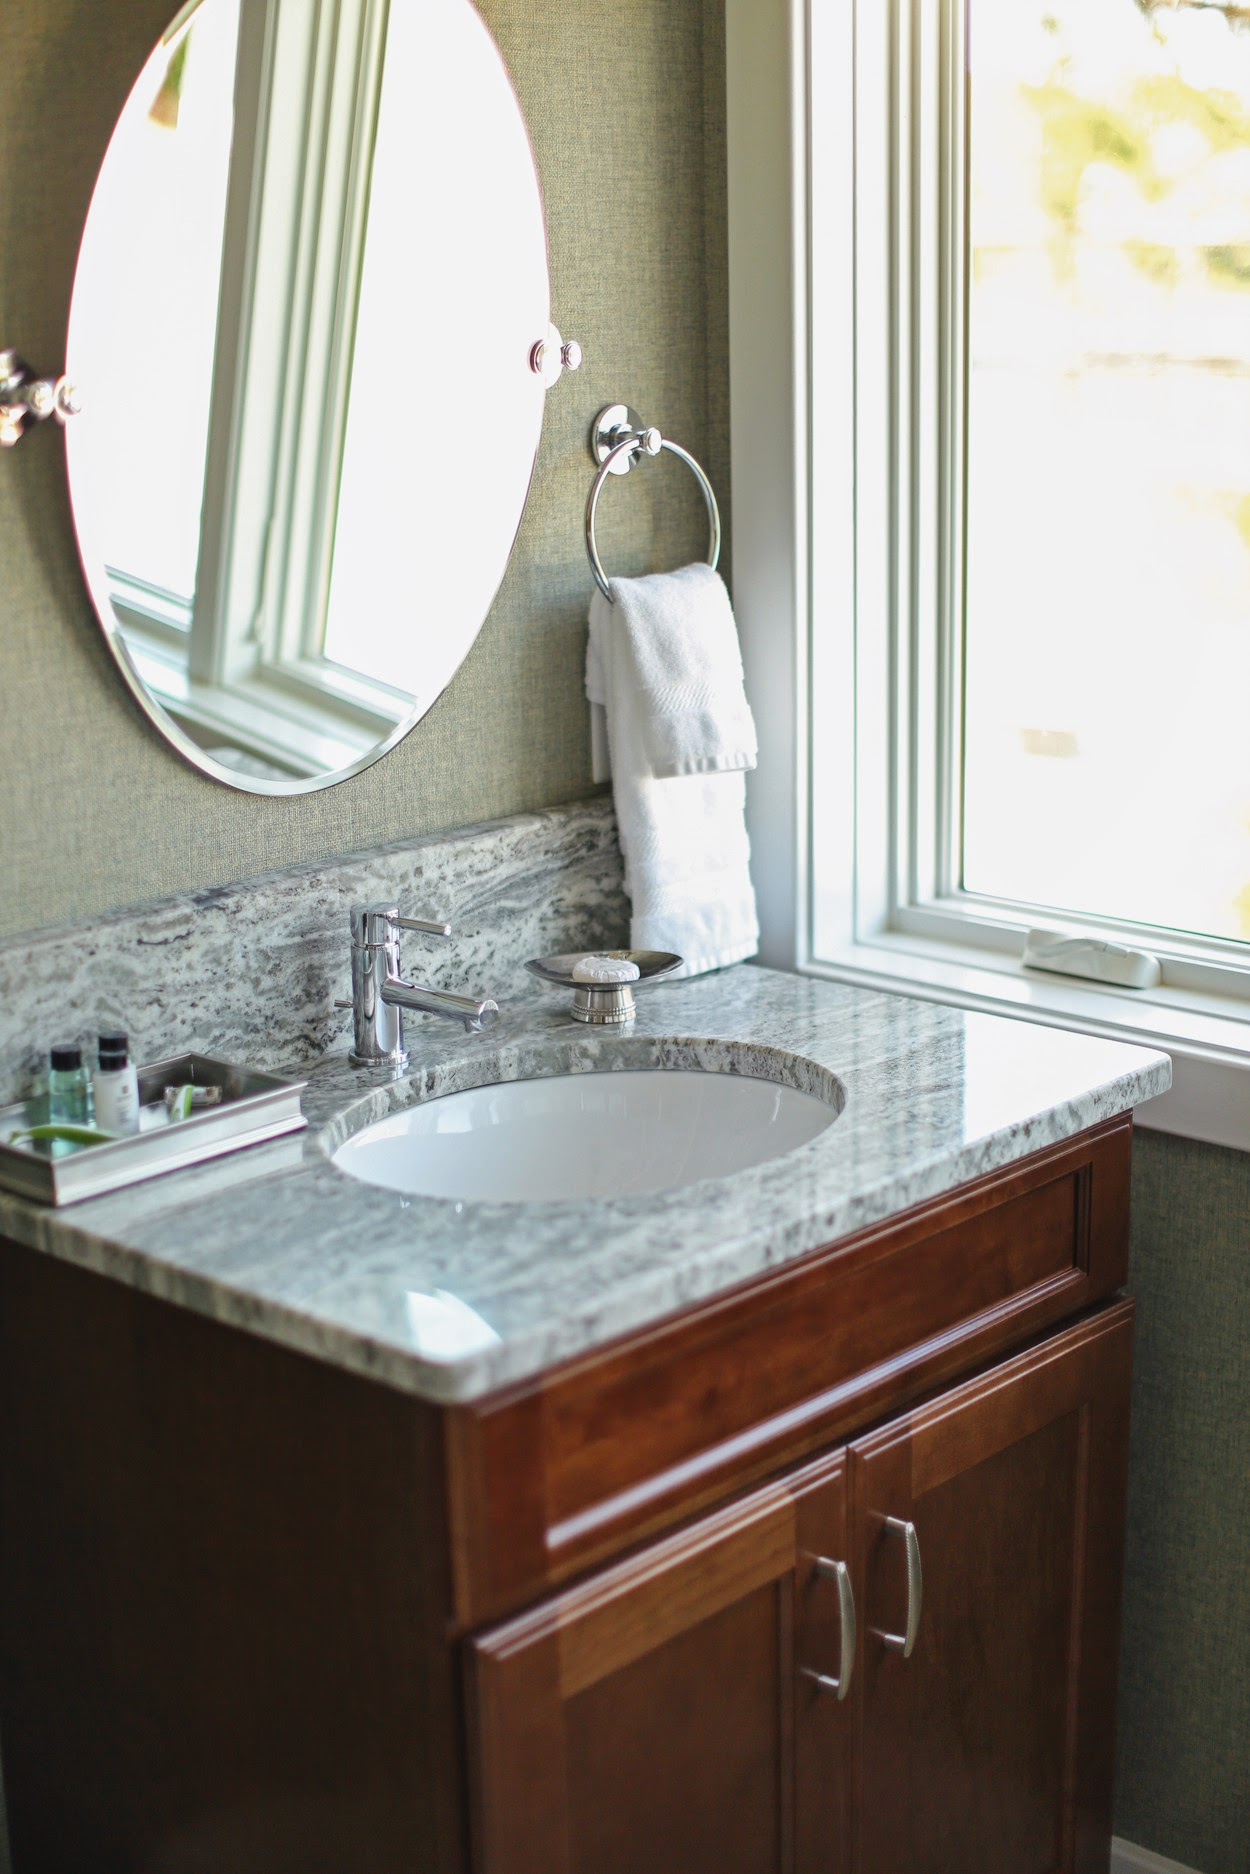 Eagle Point Golf Club - Accommodations - Bathroom 2